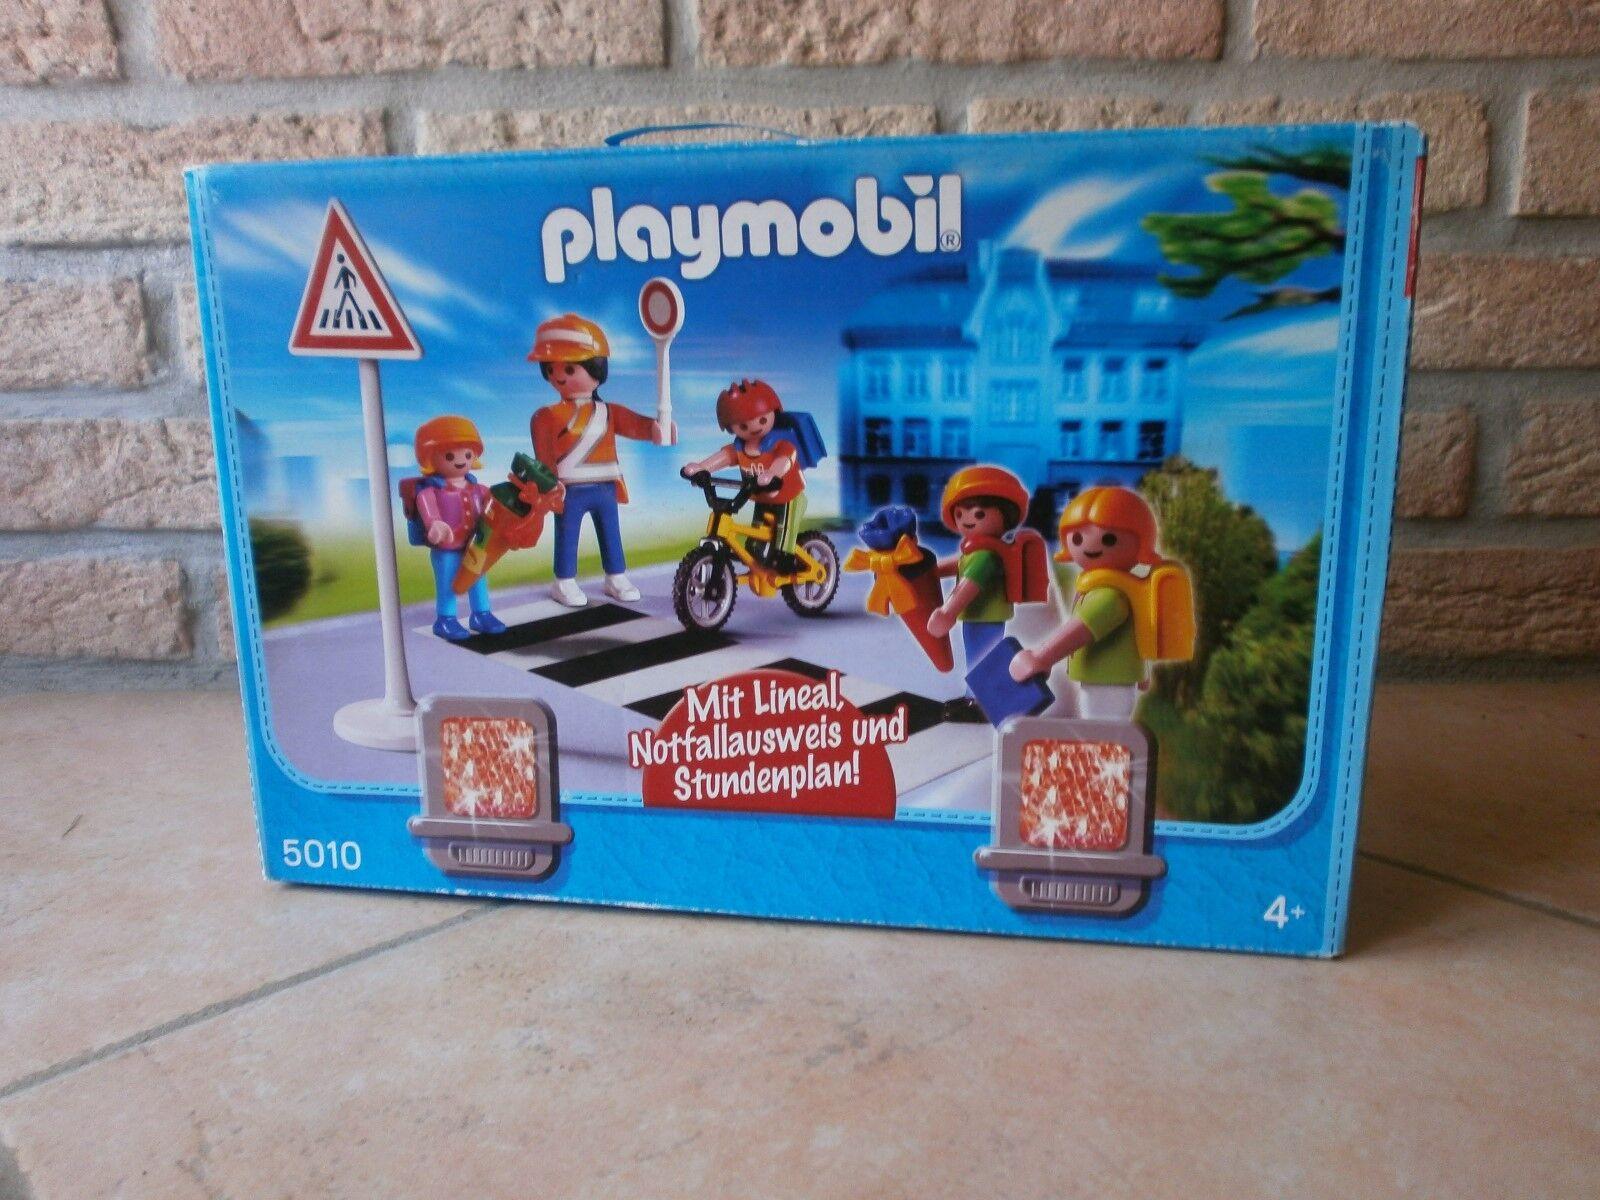 Très rare cette boîte de playmobil  sur le set d'école réf 5010 de 2009 neuf